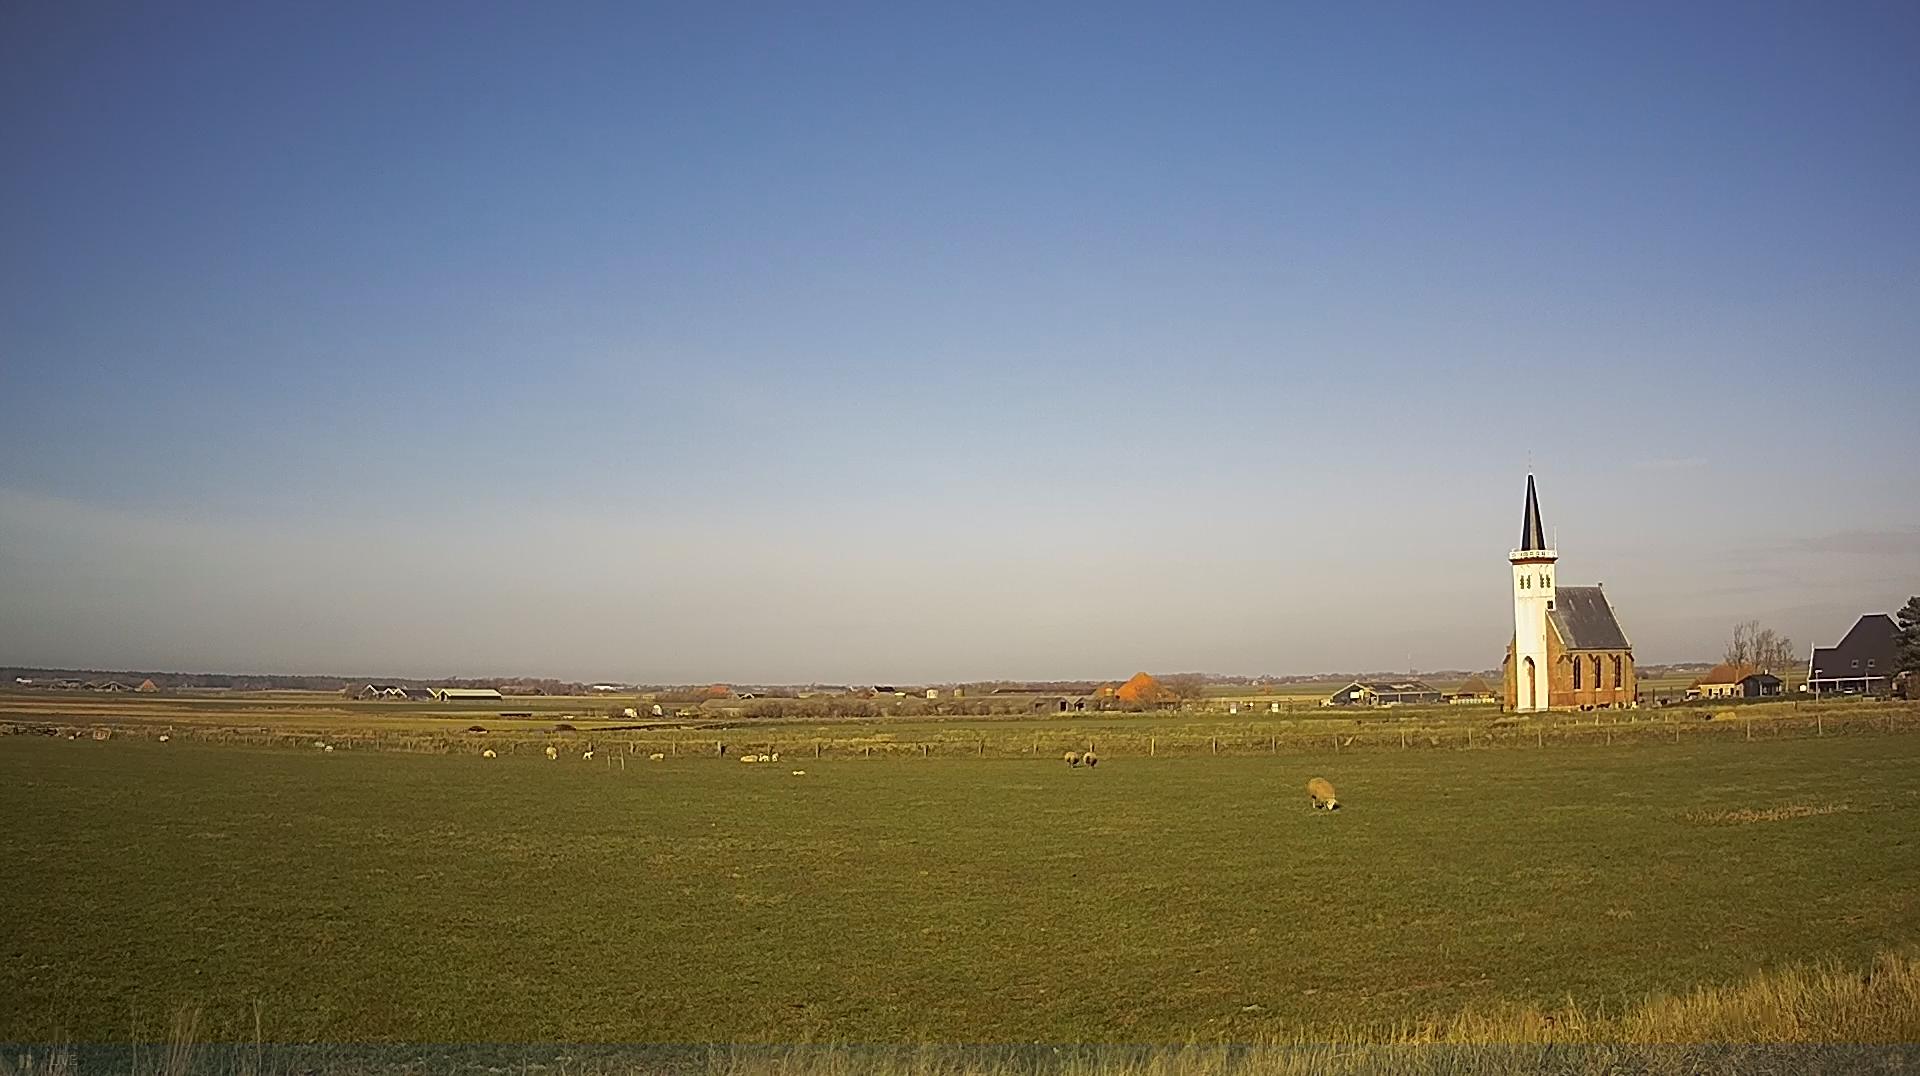 Livebeeld de kerk van Den Hoorn VVV Texel